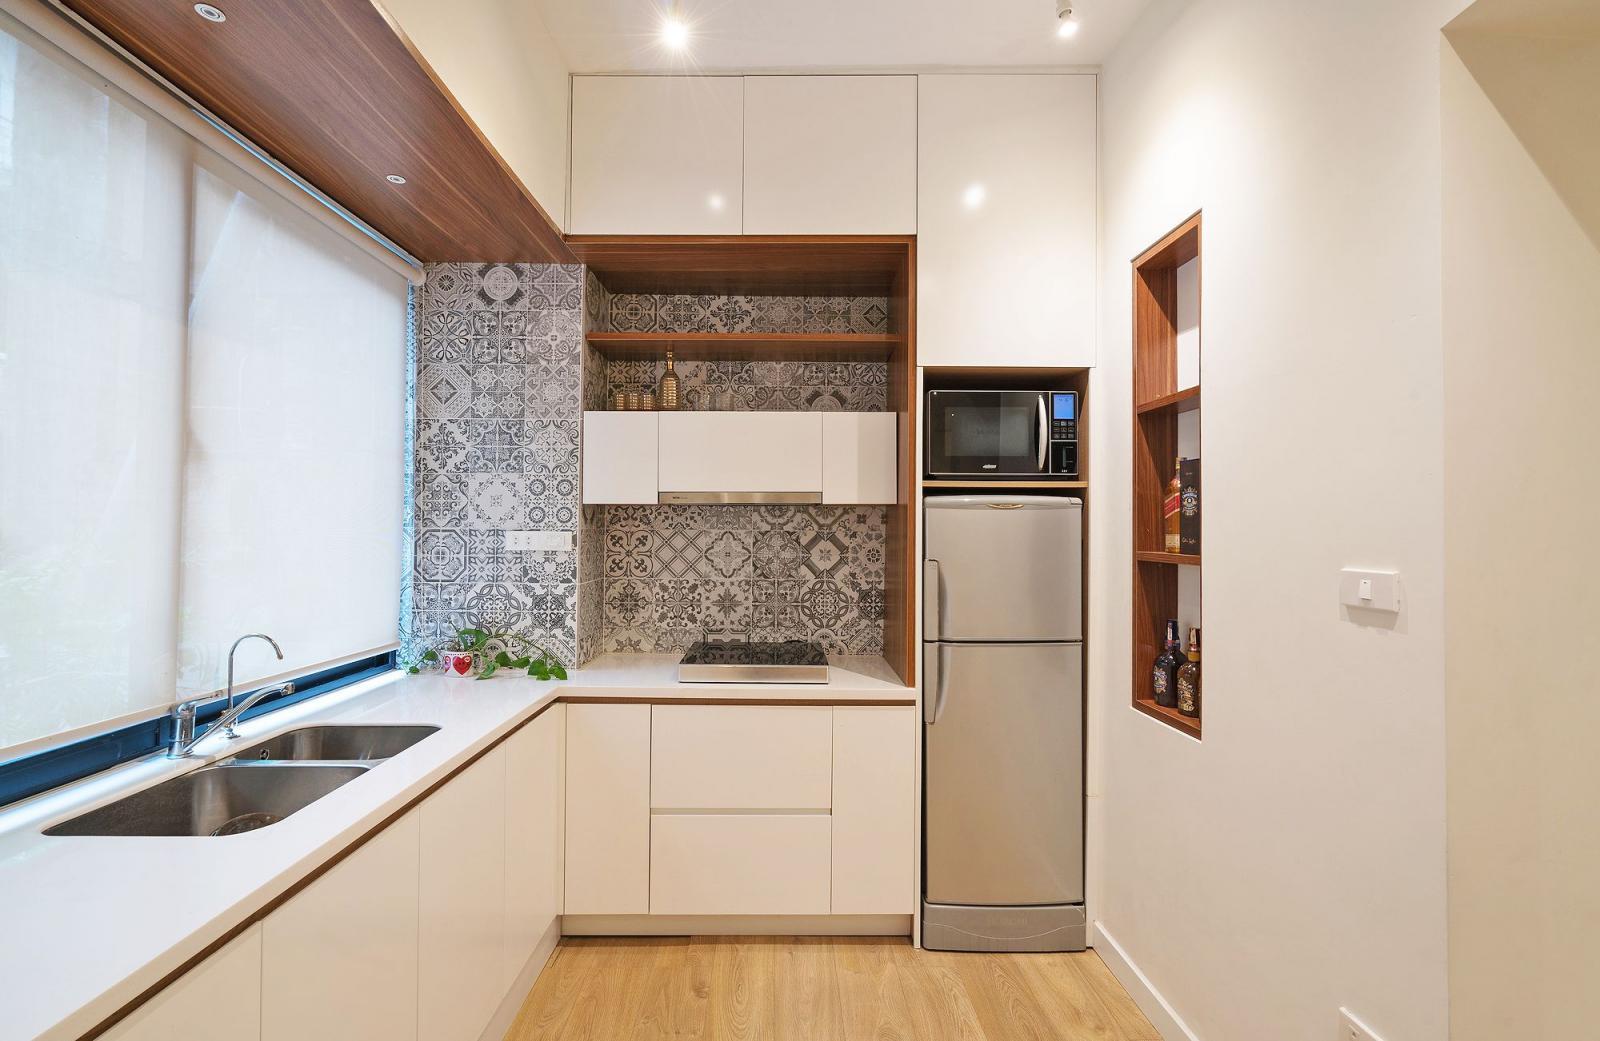 Hình ảnh cận cảnh phòng bếp hiện đại với ô cửa sổ kính lớn